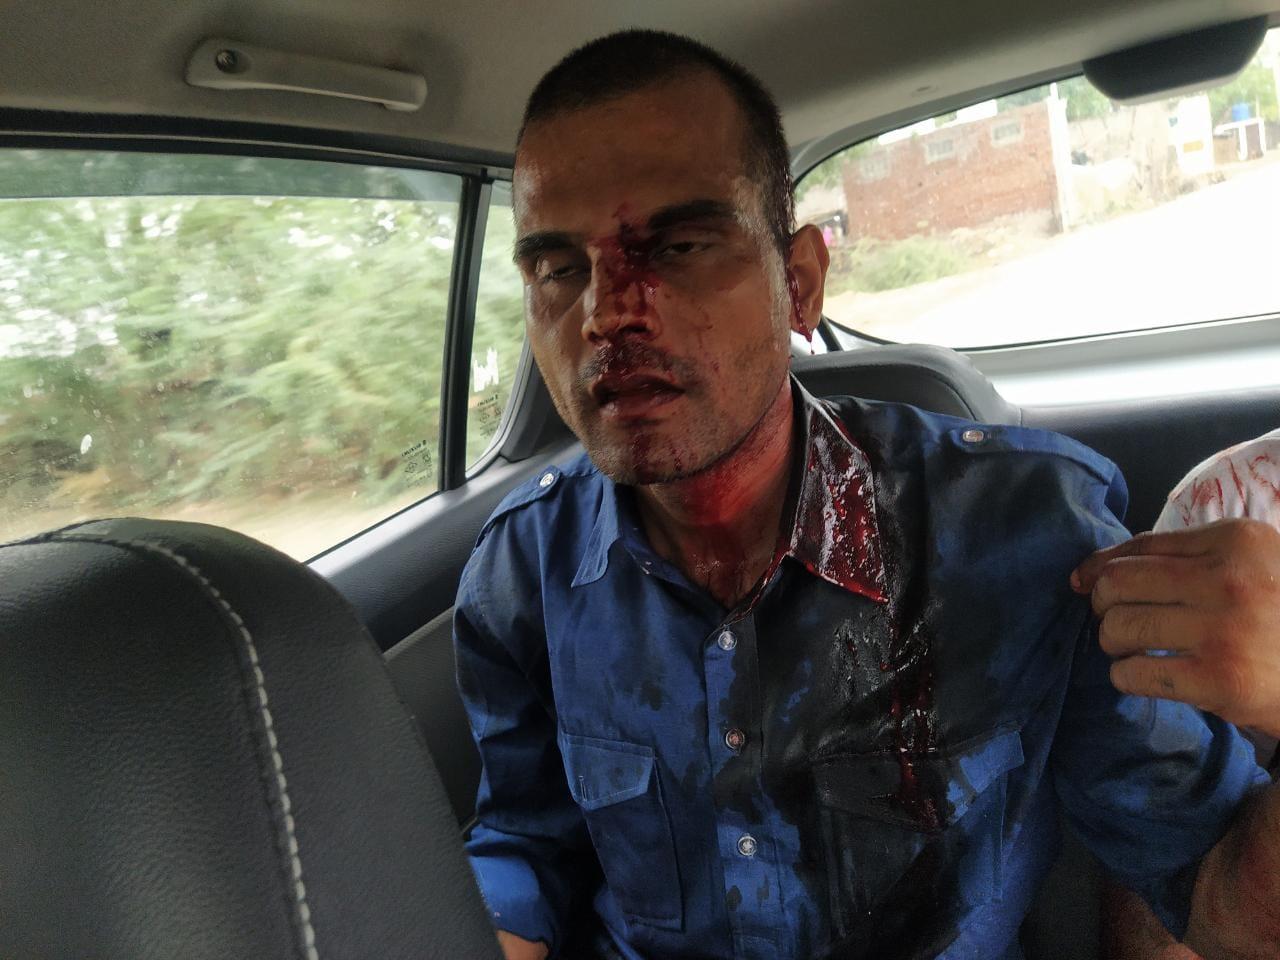 रास्ते में बदमाशों ने किया हमला, तीन लोग घायल, गंभीर अवस्था में टोंक के सआदत अस्पताल में कराया गया भर्ती टोंक,Tonk - Dainik Bhaskar